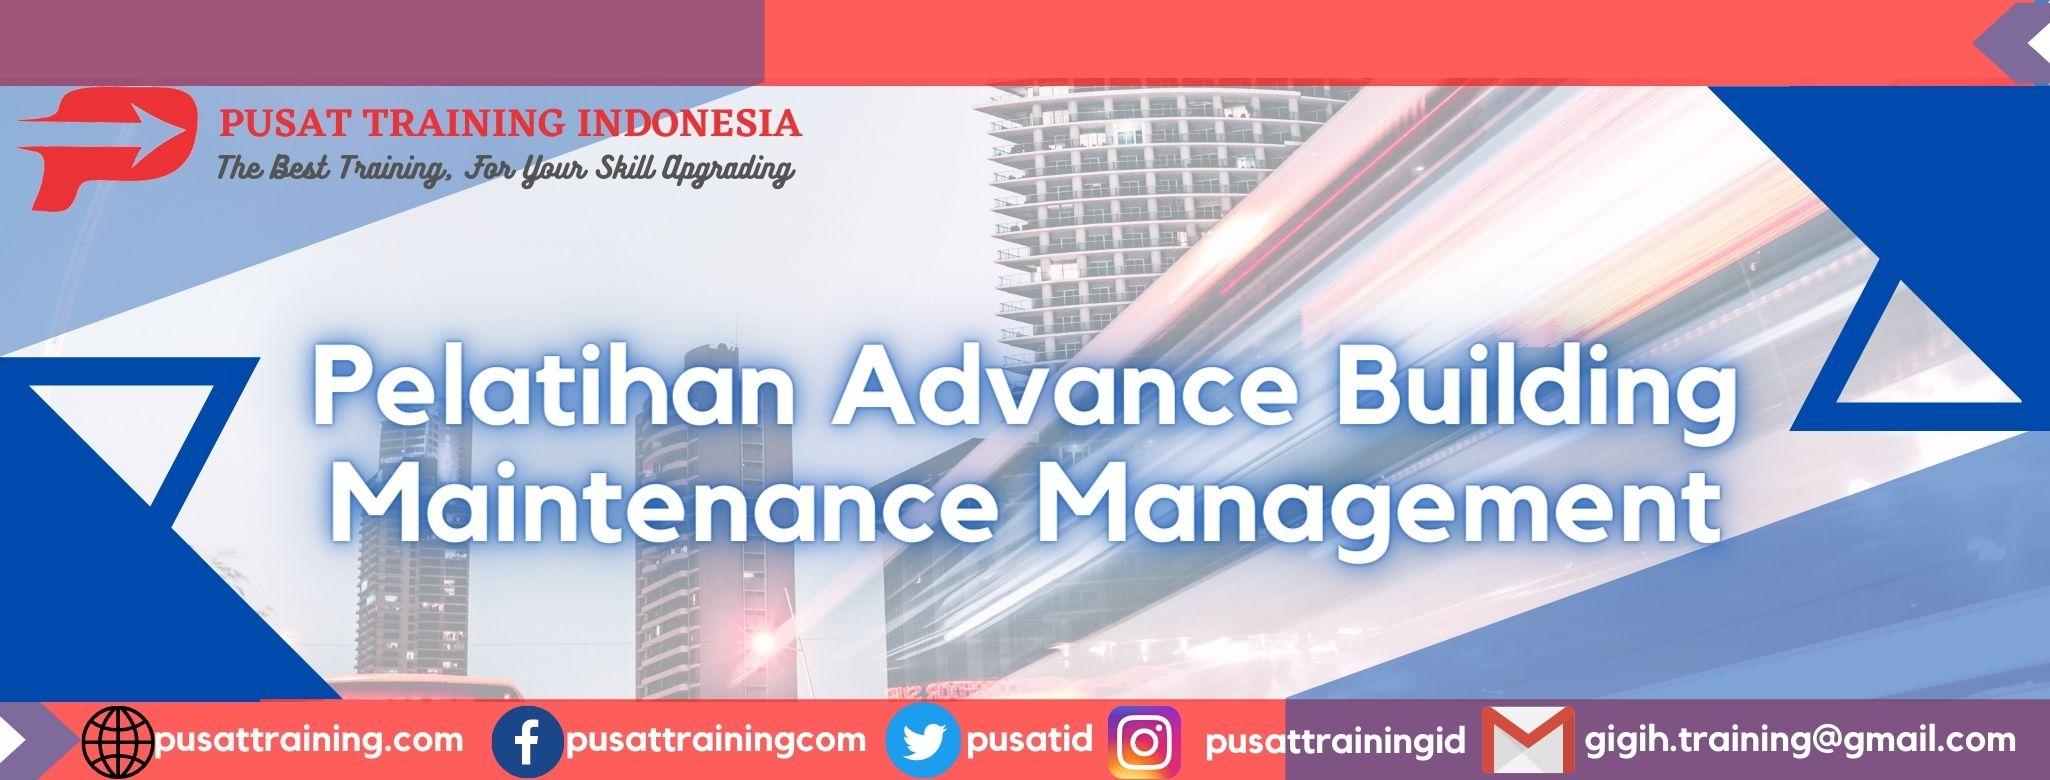 Pelatihan-Advance-Building-Maintenance-Management